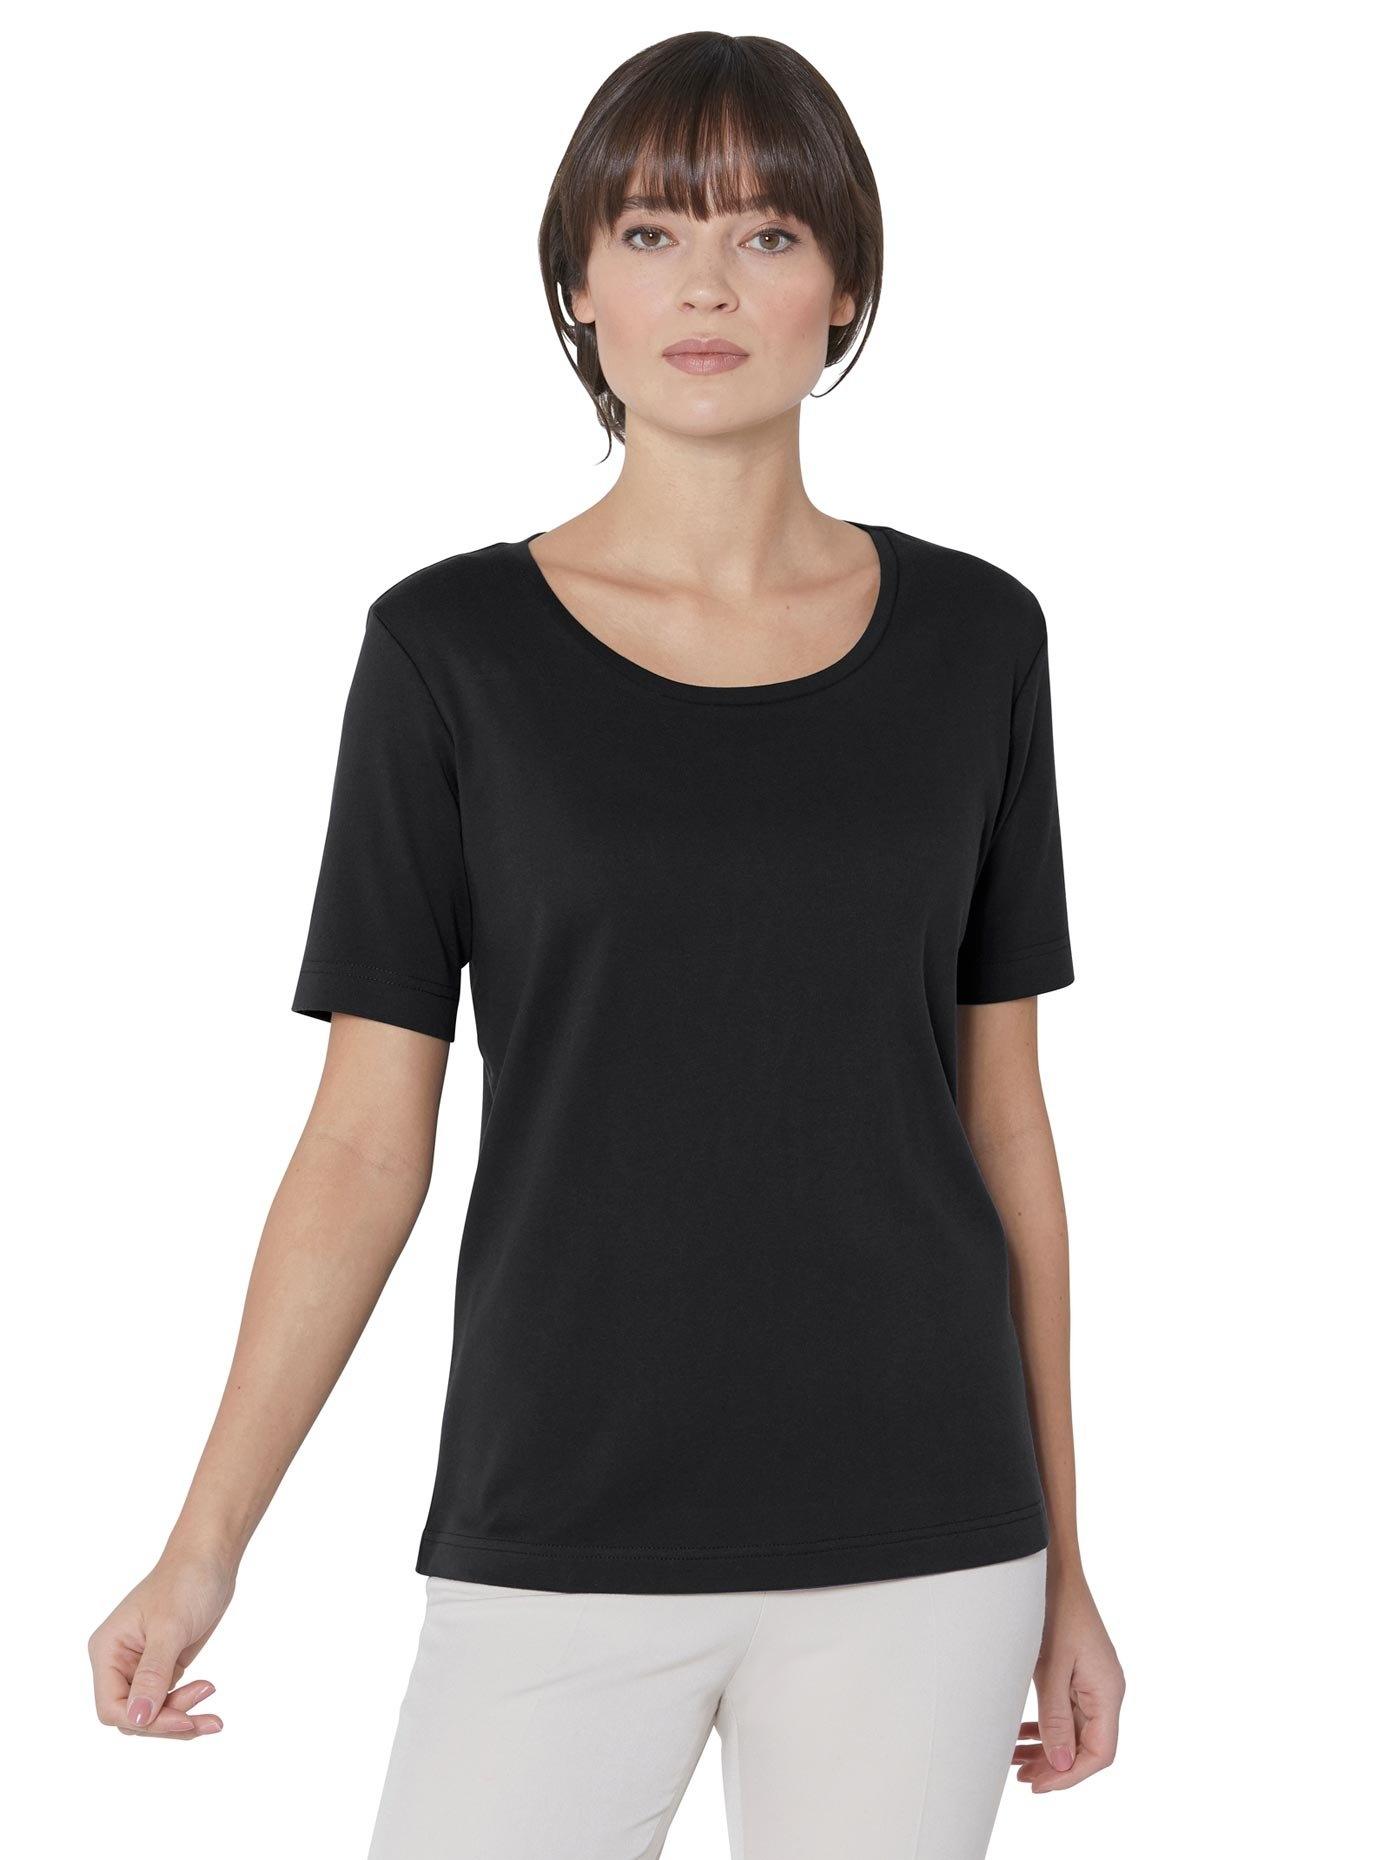 CREATION L PREMIUM shirt met korte mouwen nu online bestellen